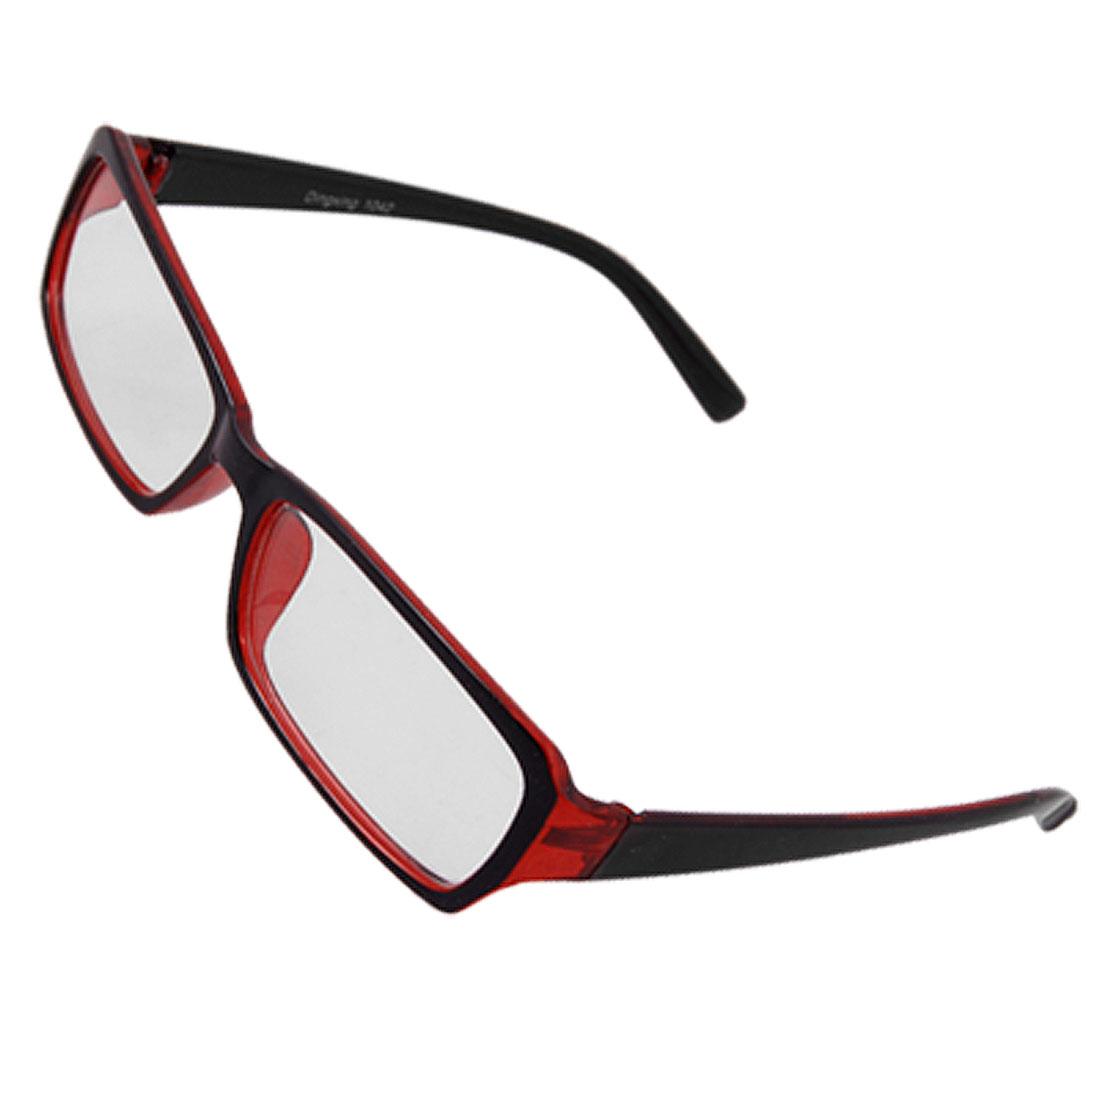 Unisex Plastic Full Frame Plano Glasses Eyeglasses Red Black